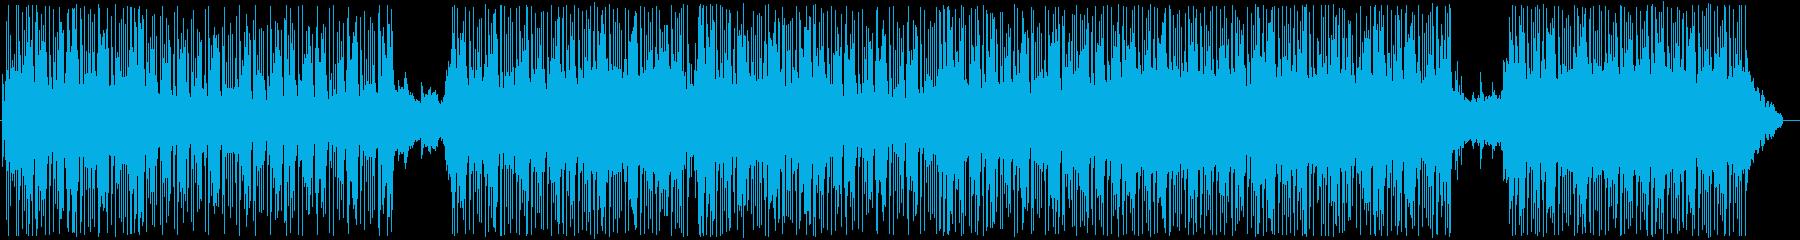 オリエンタル感。シーケンサーとアル...の再生済みの波形